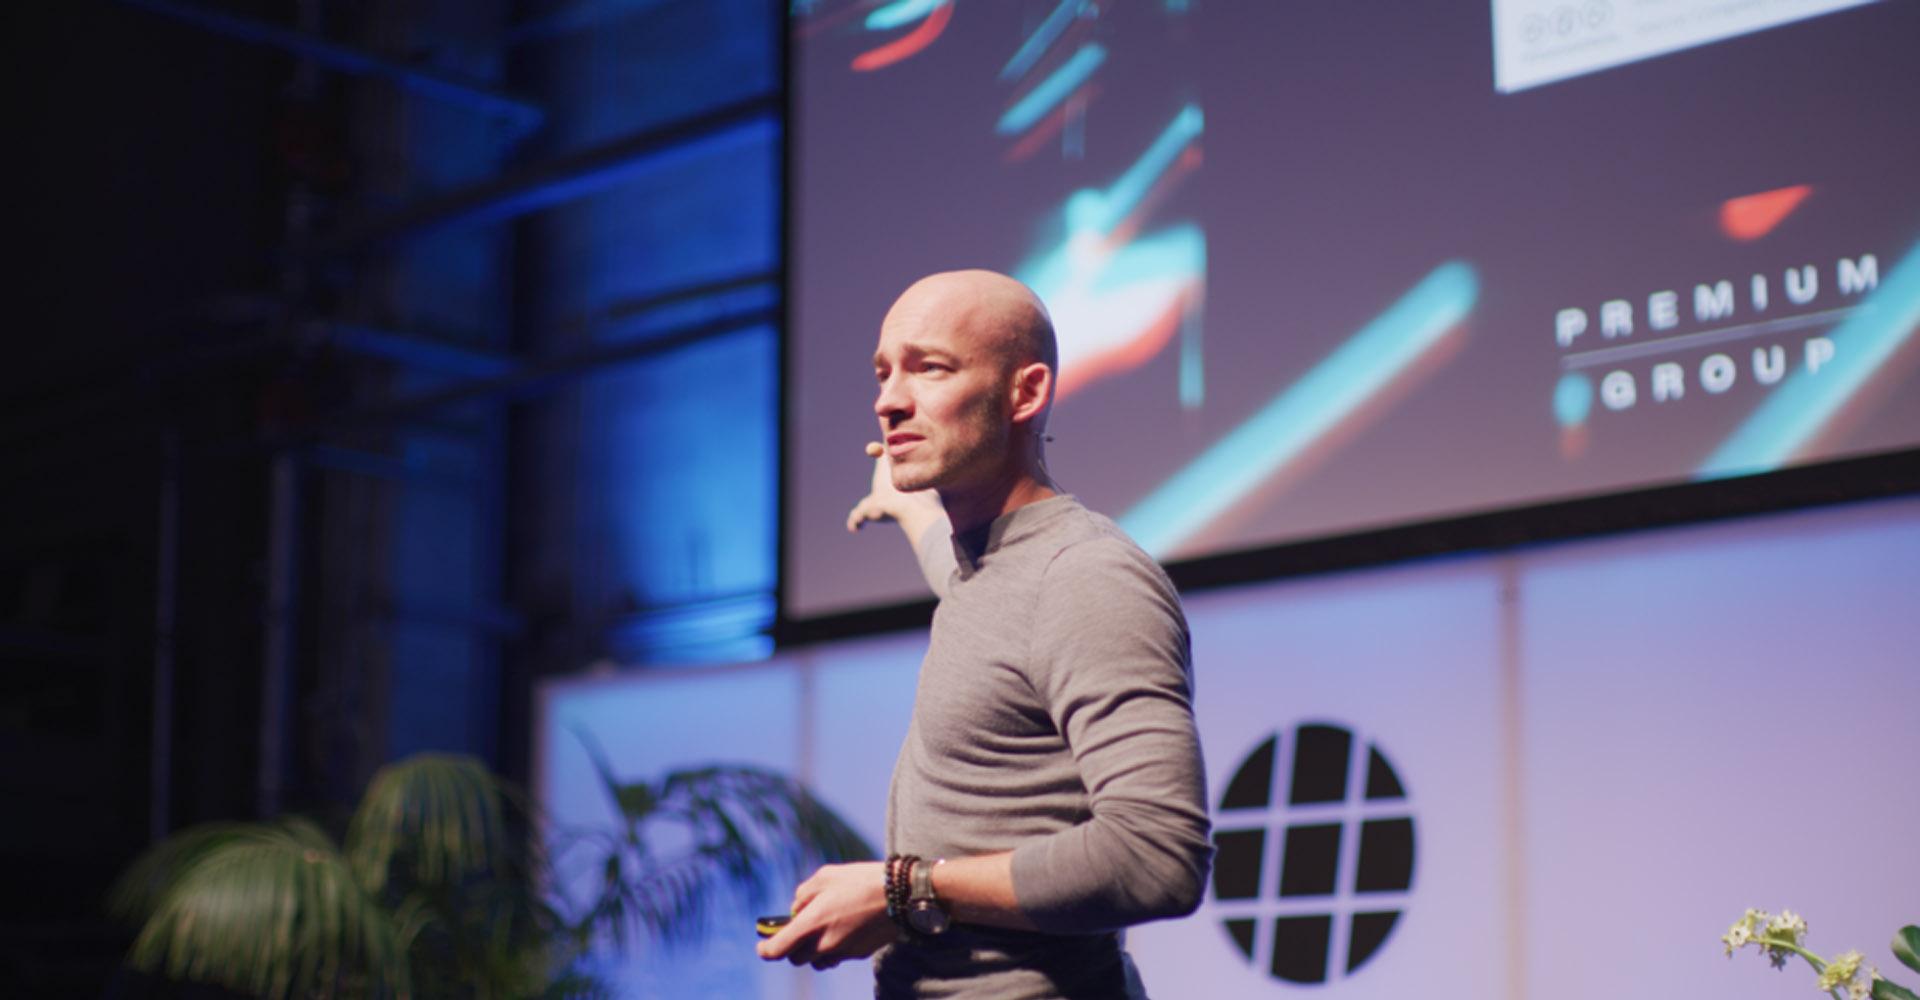 Christoph Magnussen während eines Vortrags